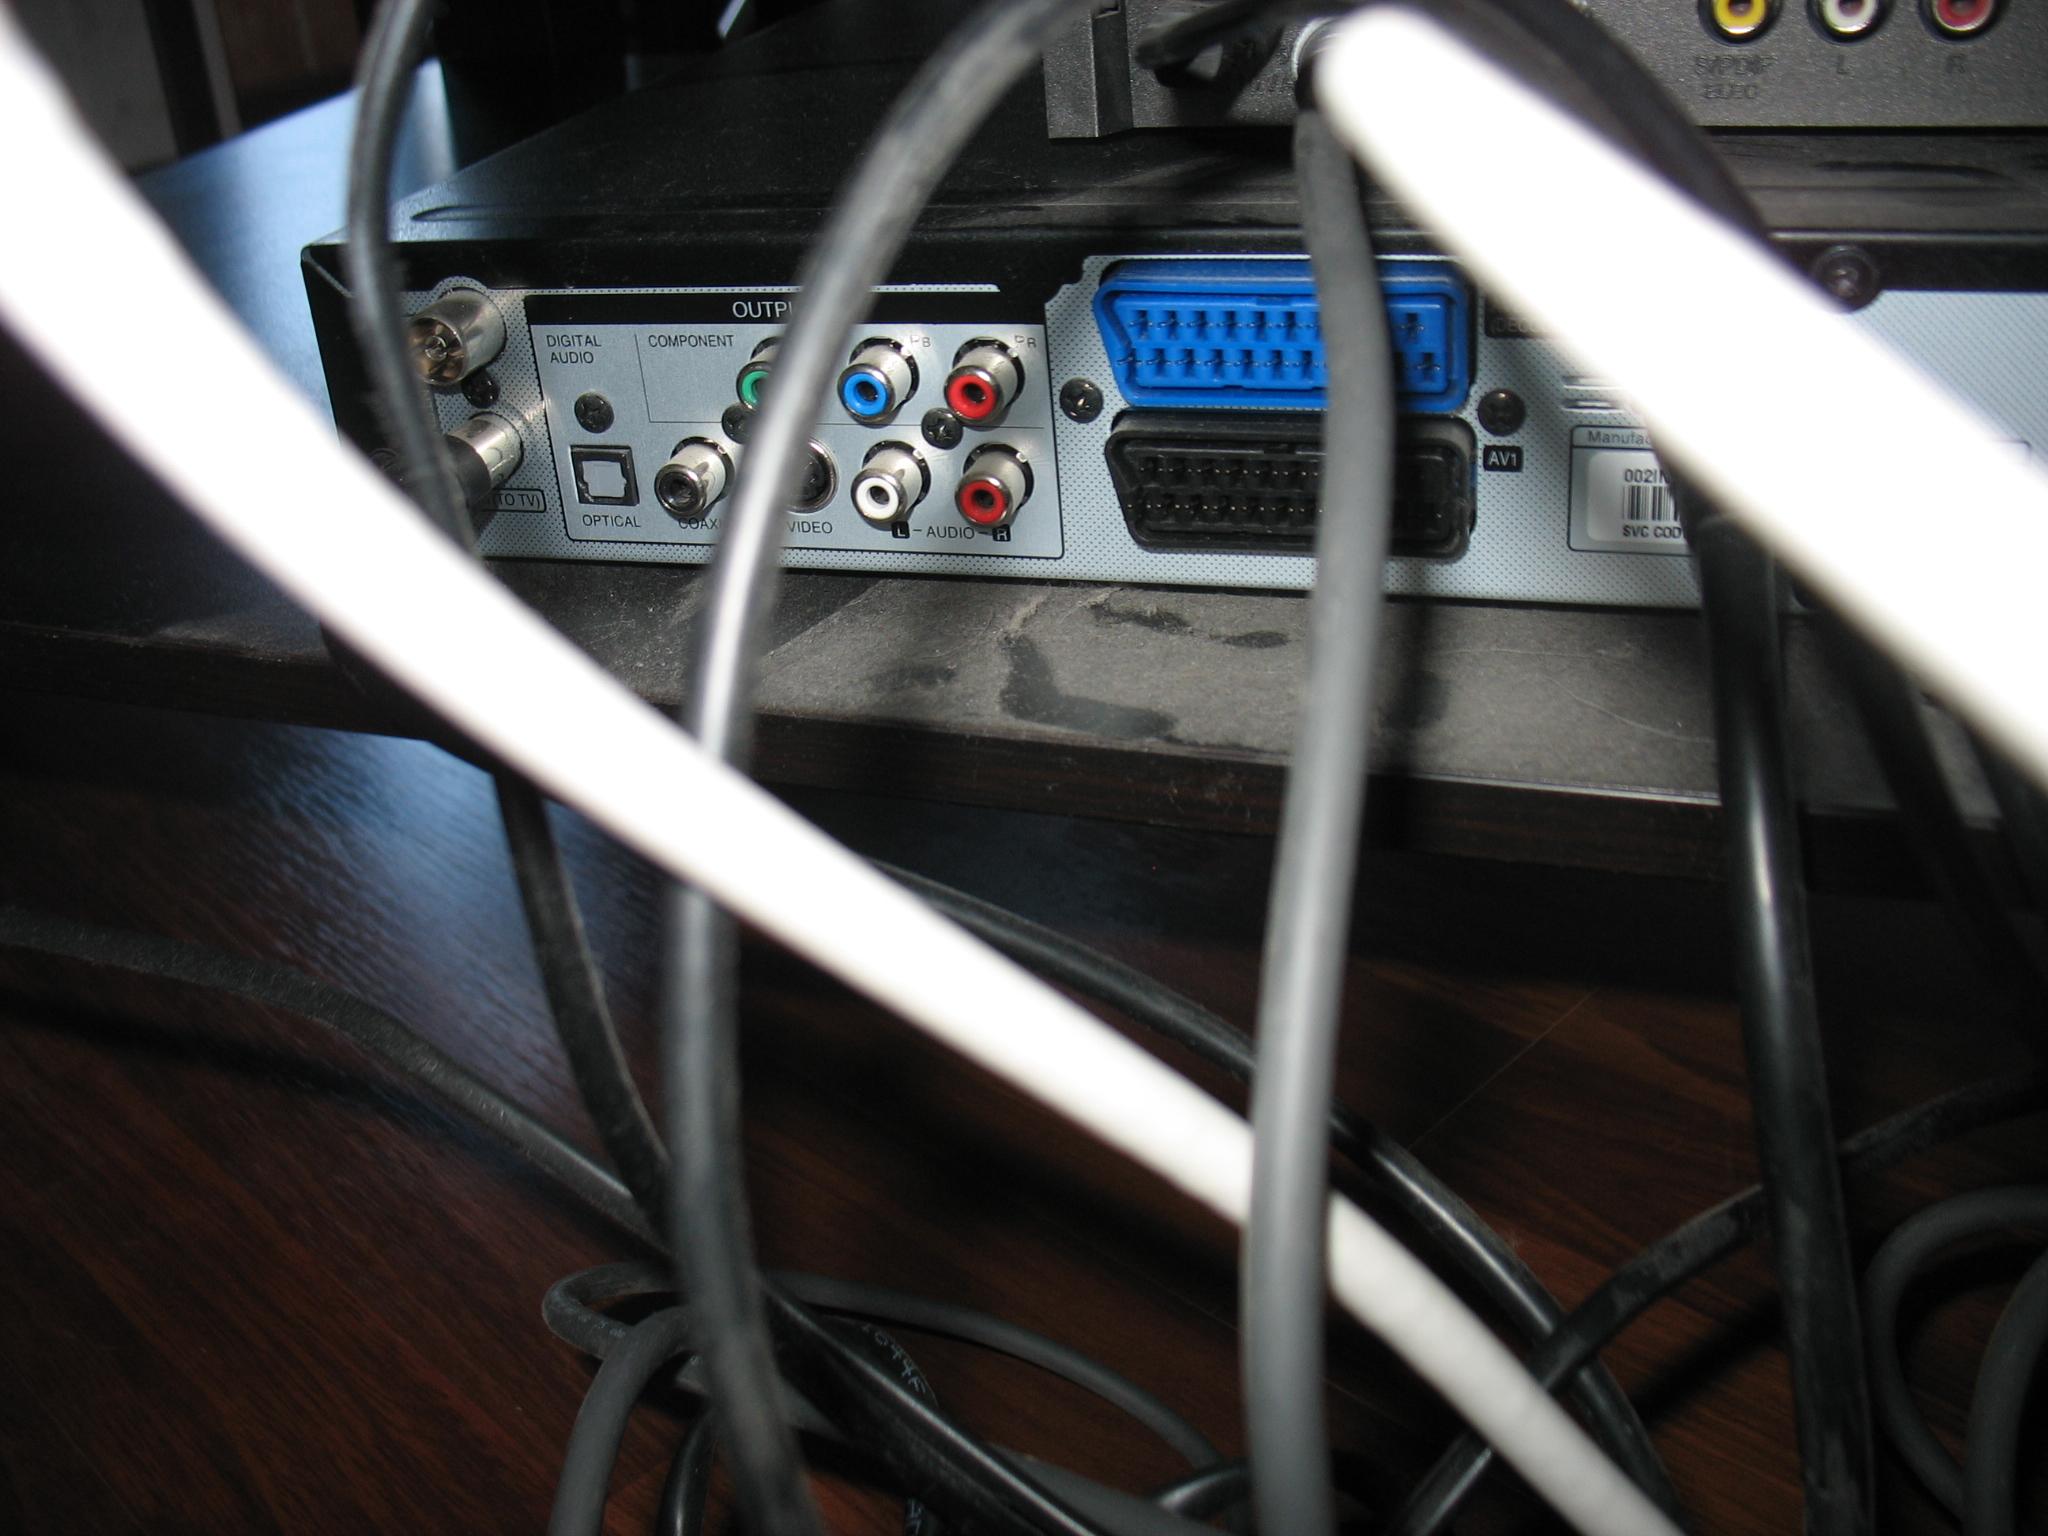 po��czenie kabl�wka-dekoder-tv-nagrywarka